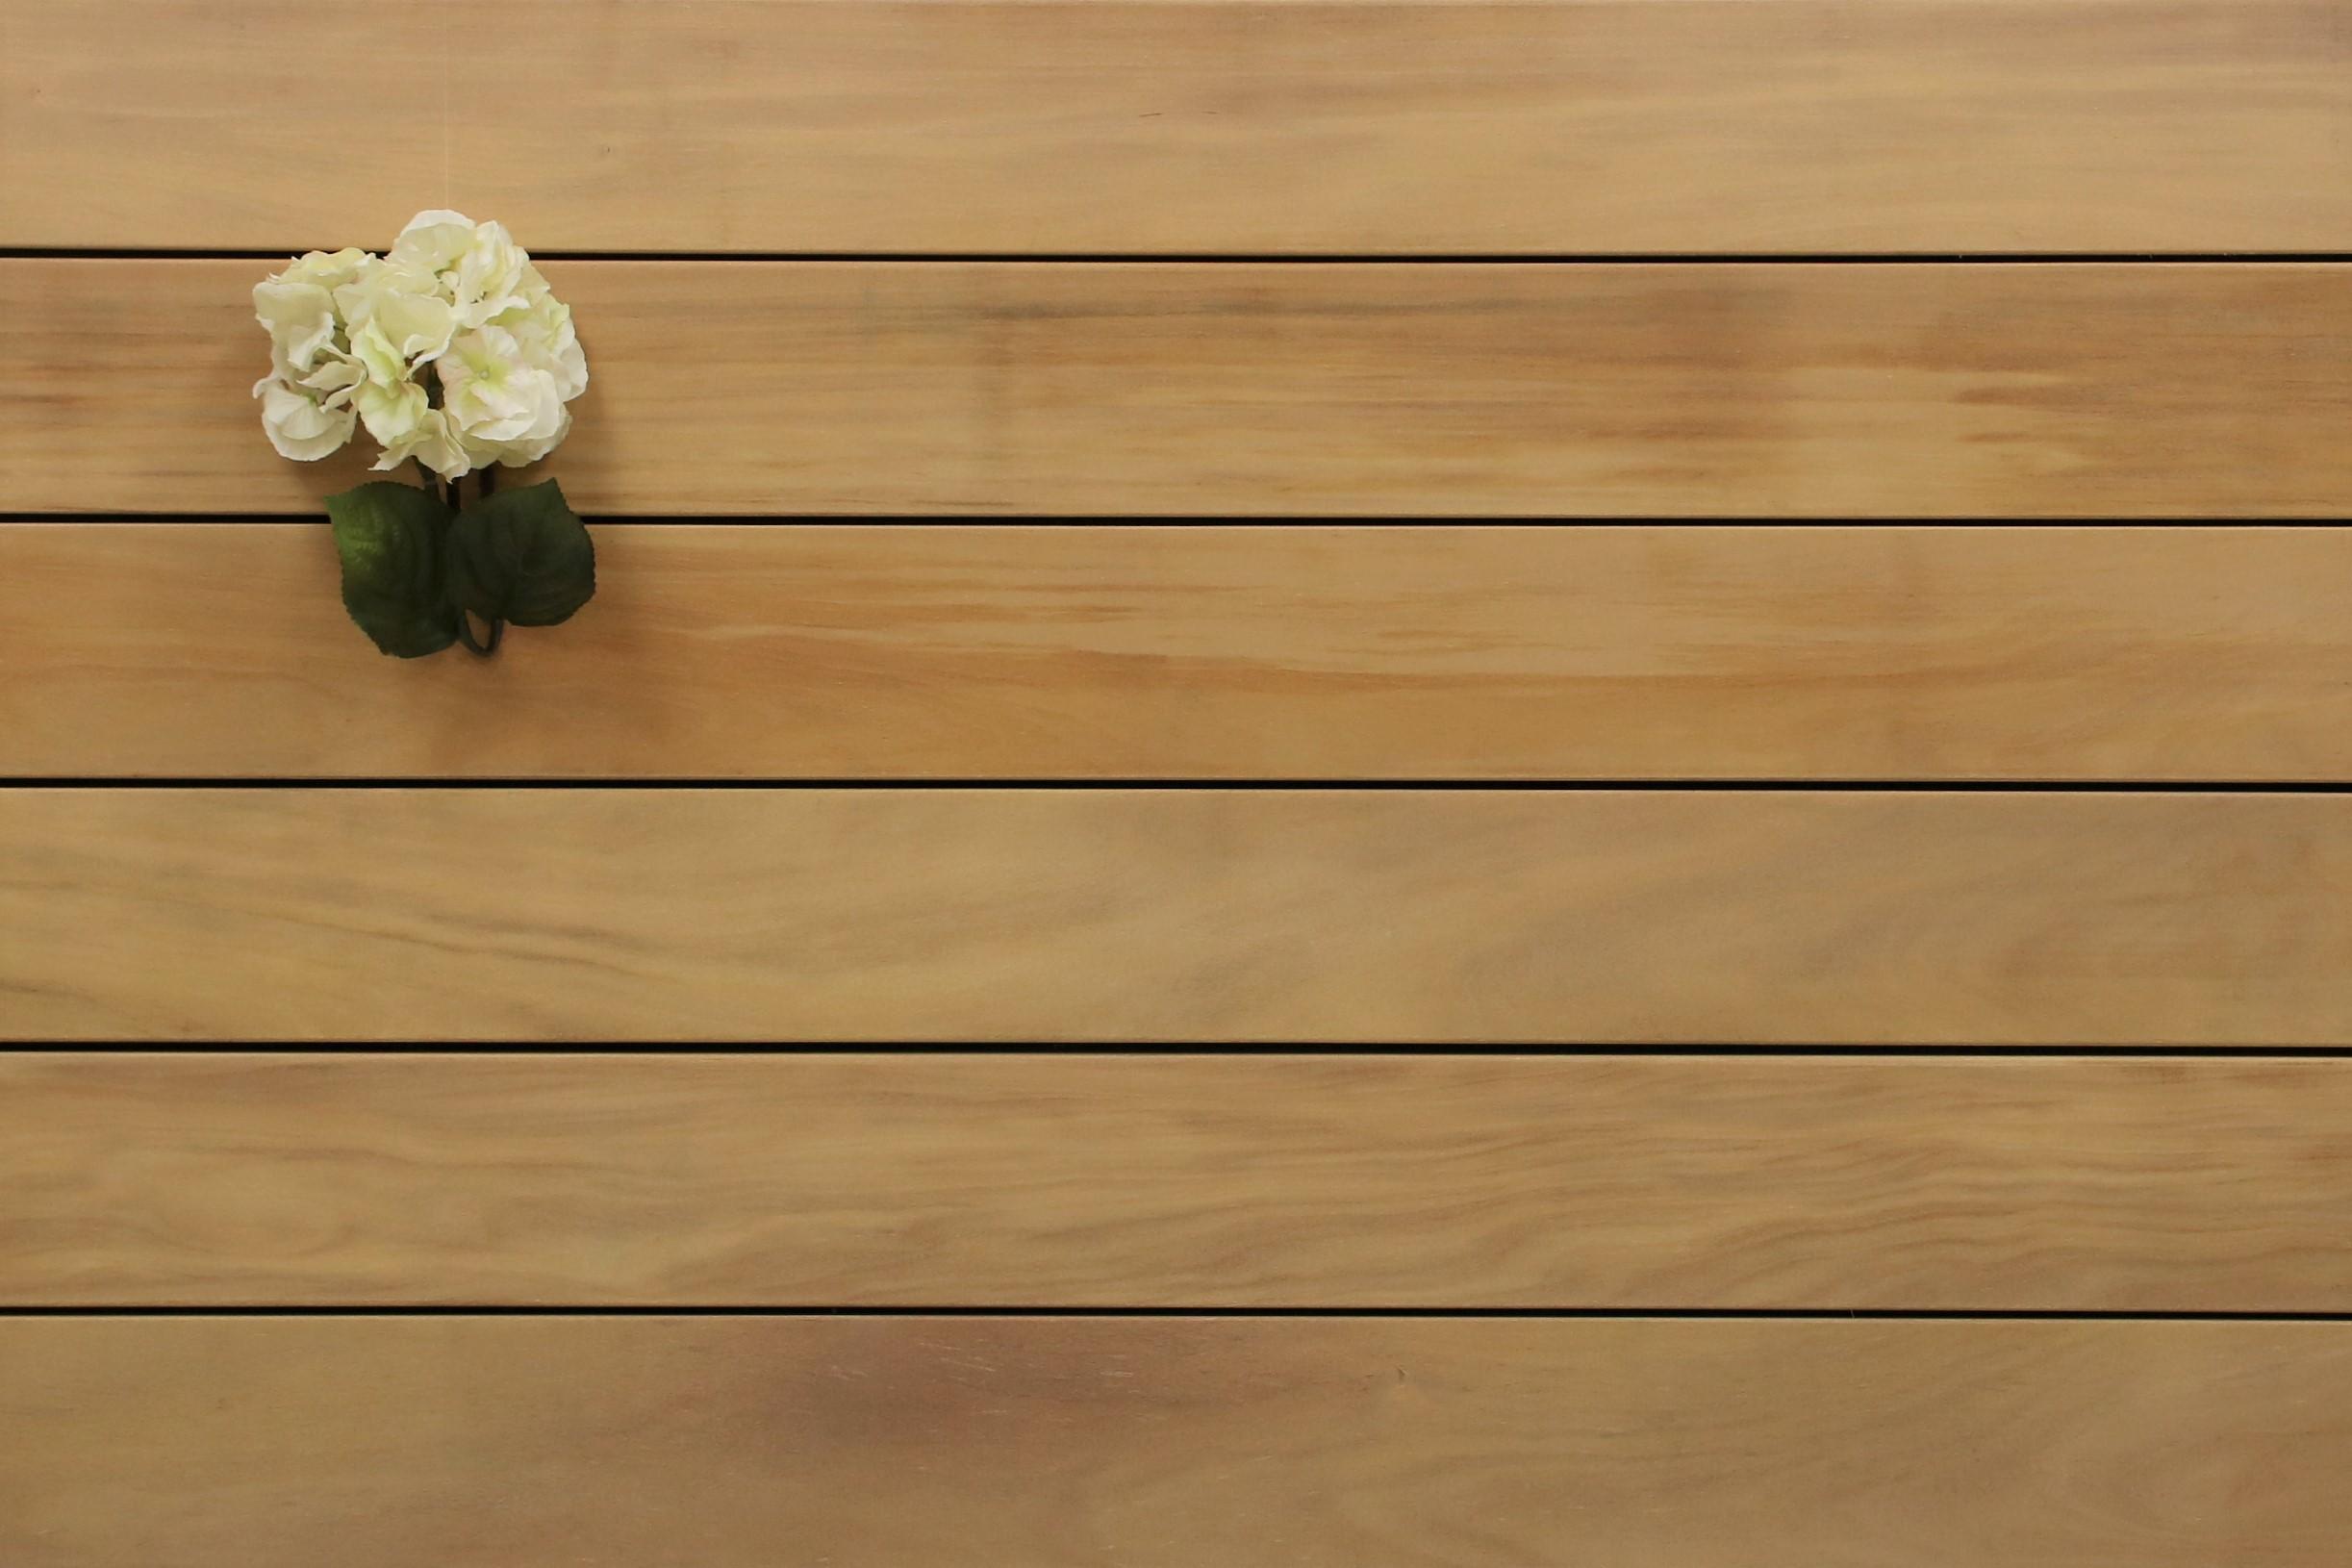 Angebot des Monats, Holzterrasse Garapa, glatt, 21 x 145 bis 6100 mm Dielen, Premium (KD) Holz Bretter für die Terrasse, 8,90 €/lfm